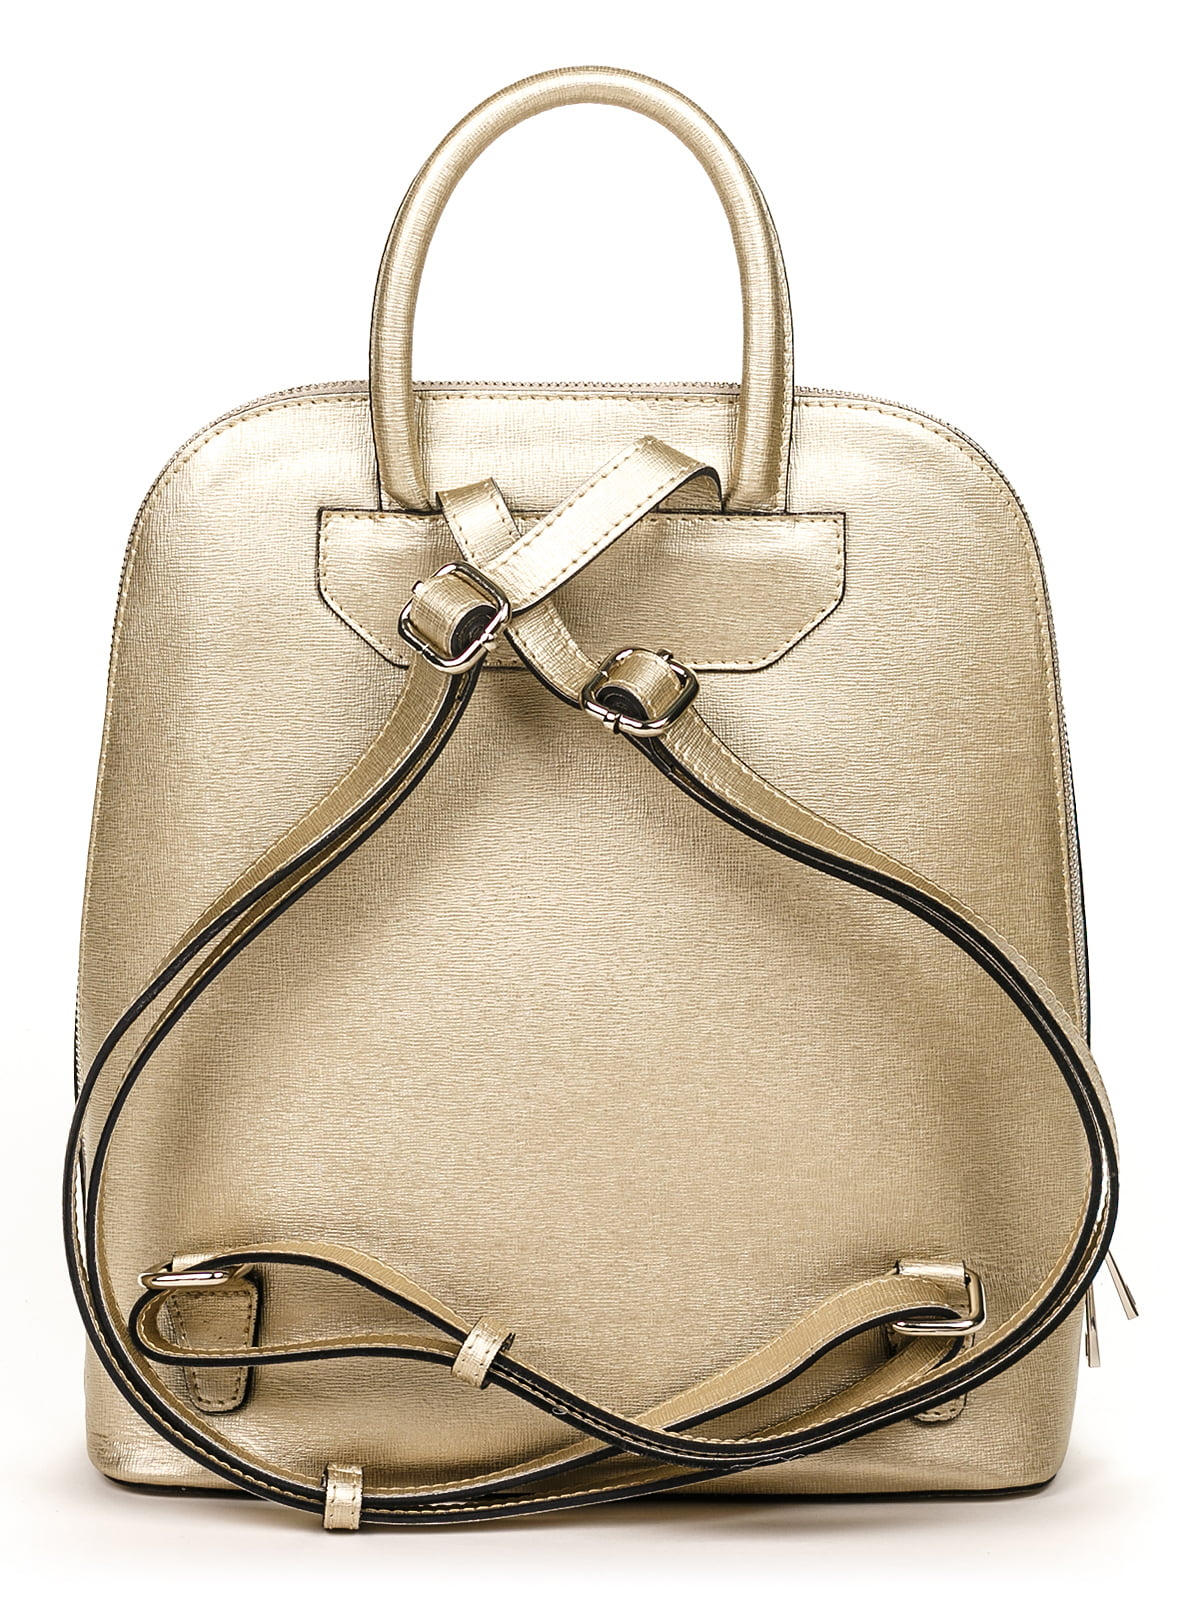 Рюкзак золотистий | 4979583 | фото 3